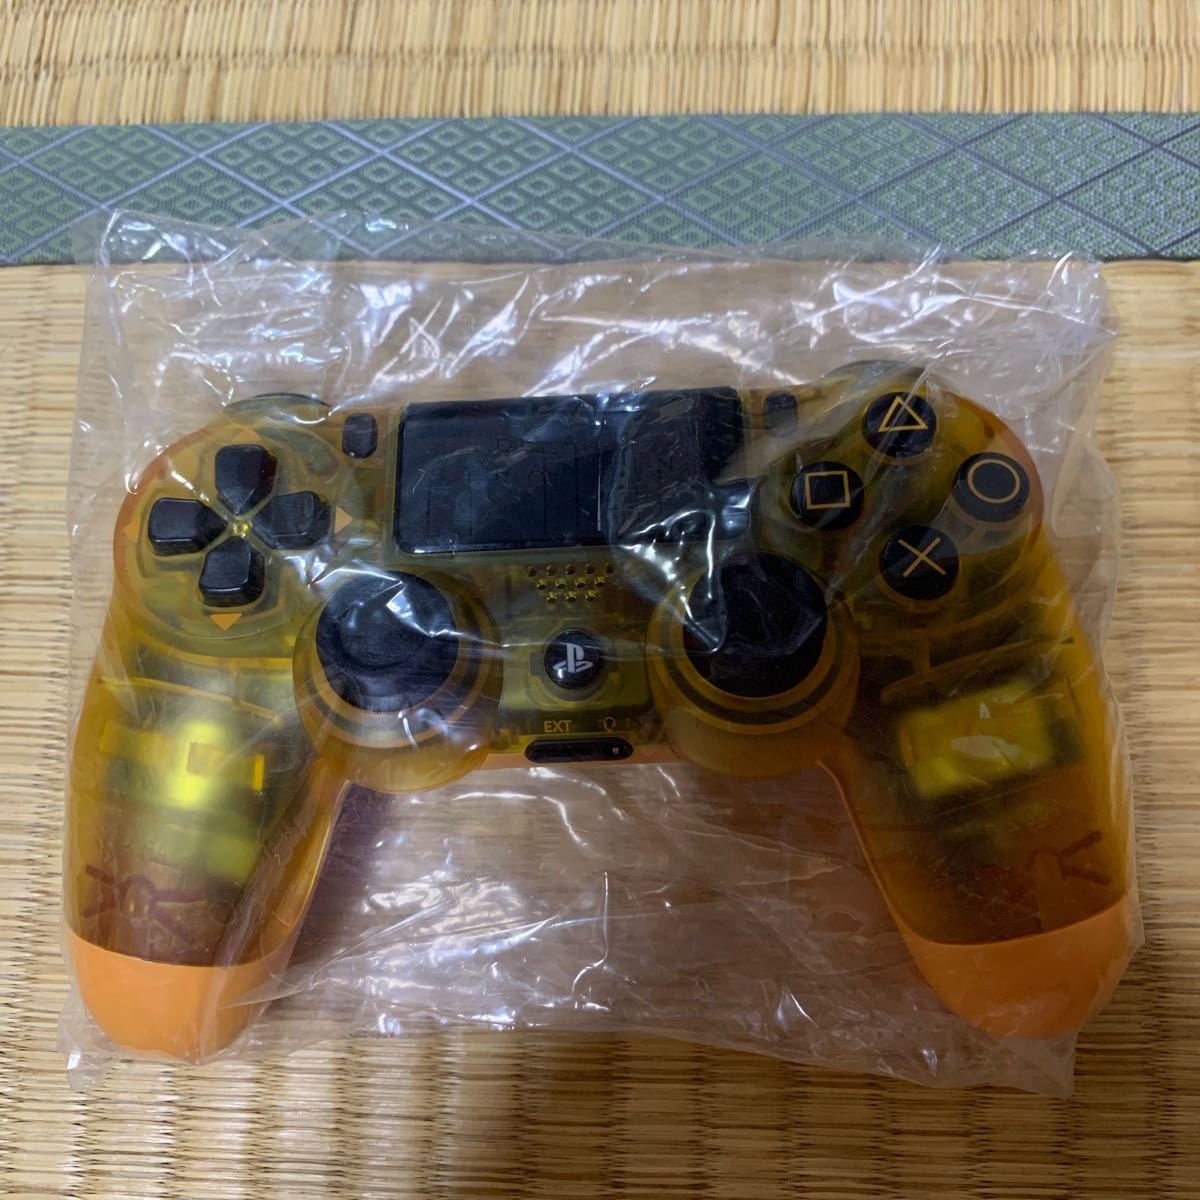 デスストランディング PS4 コントローラー